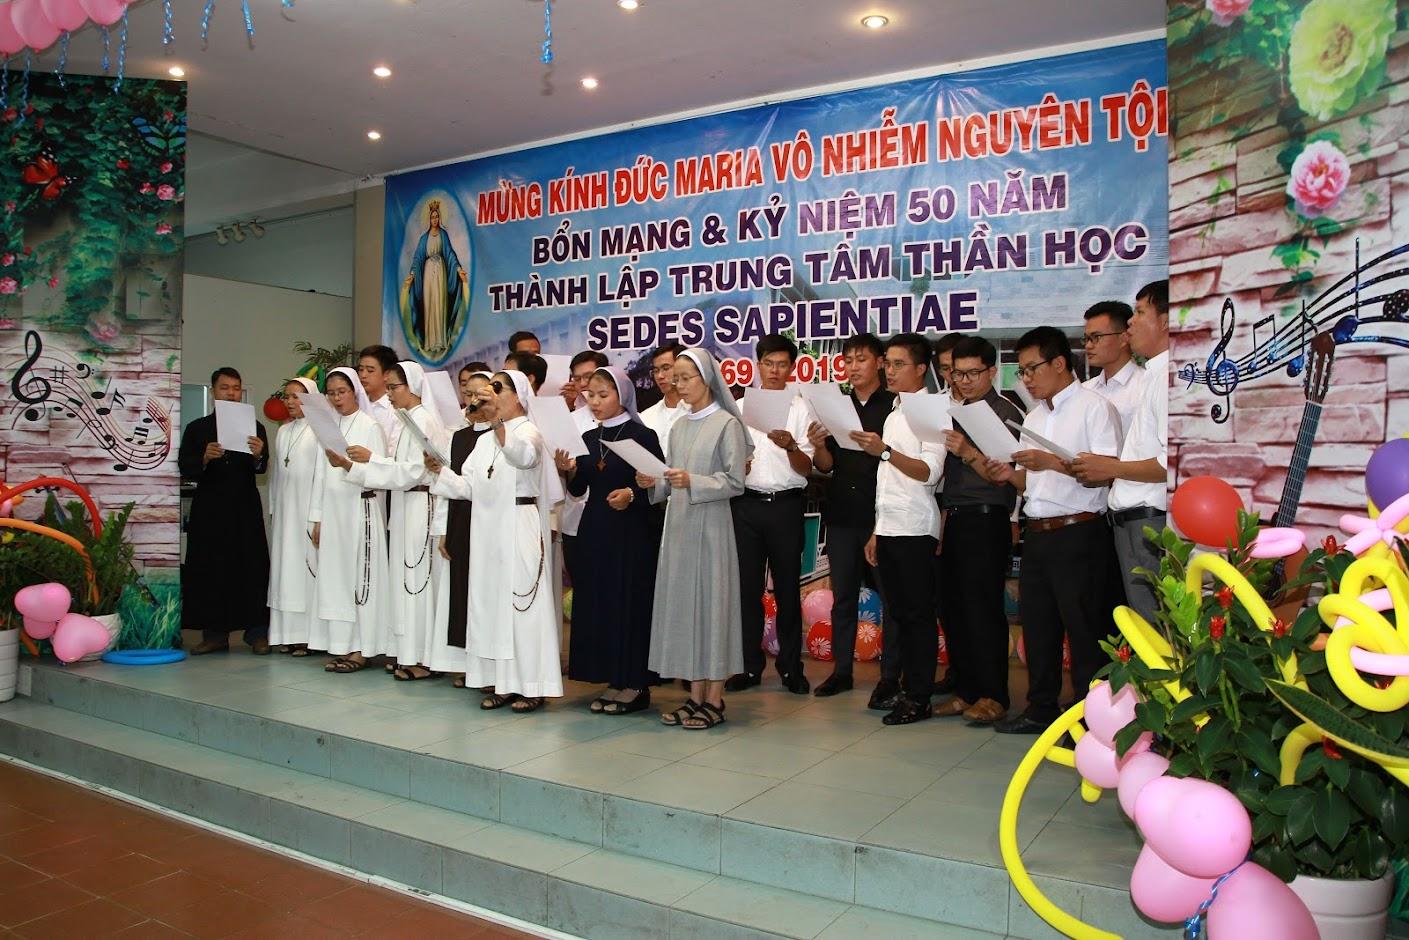 Thư Mời Hội Thao và Lễ Bổn Mạng Trung Tâm